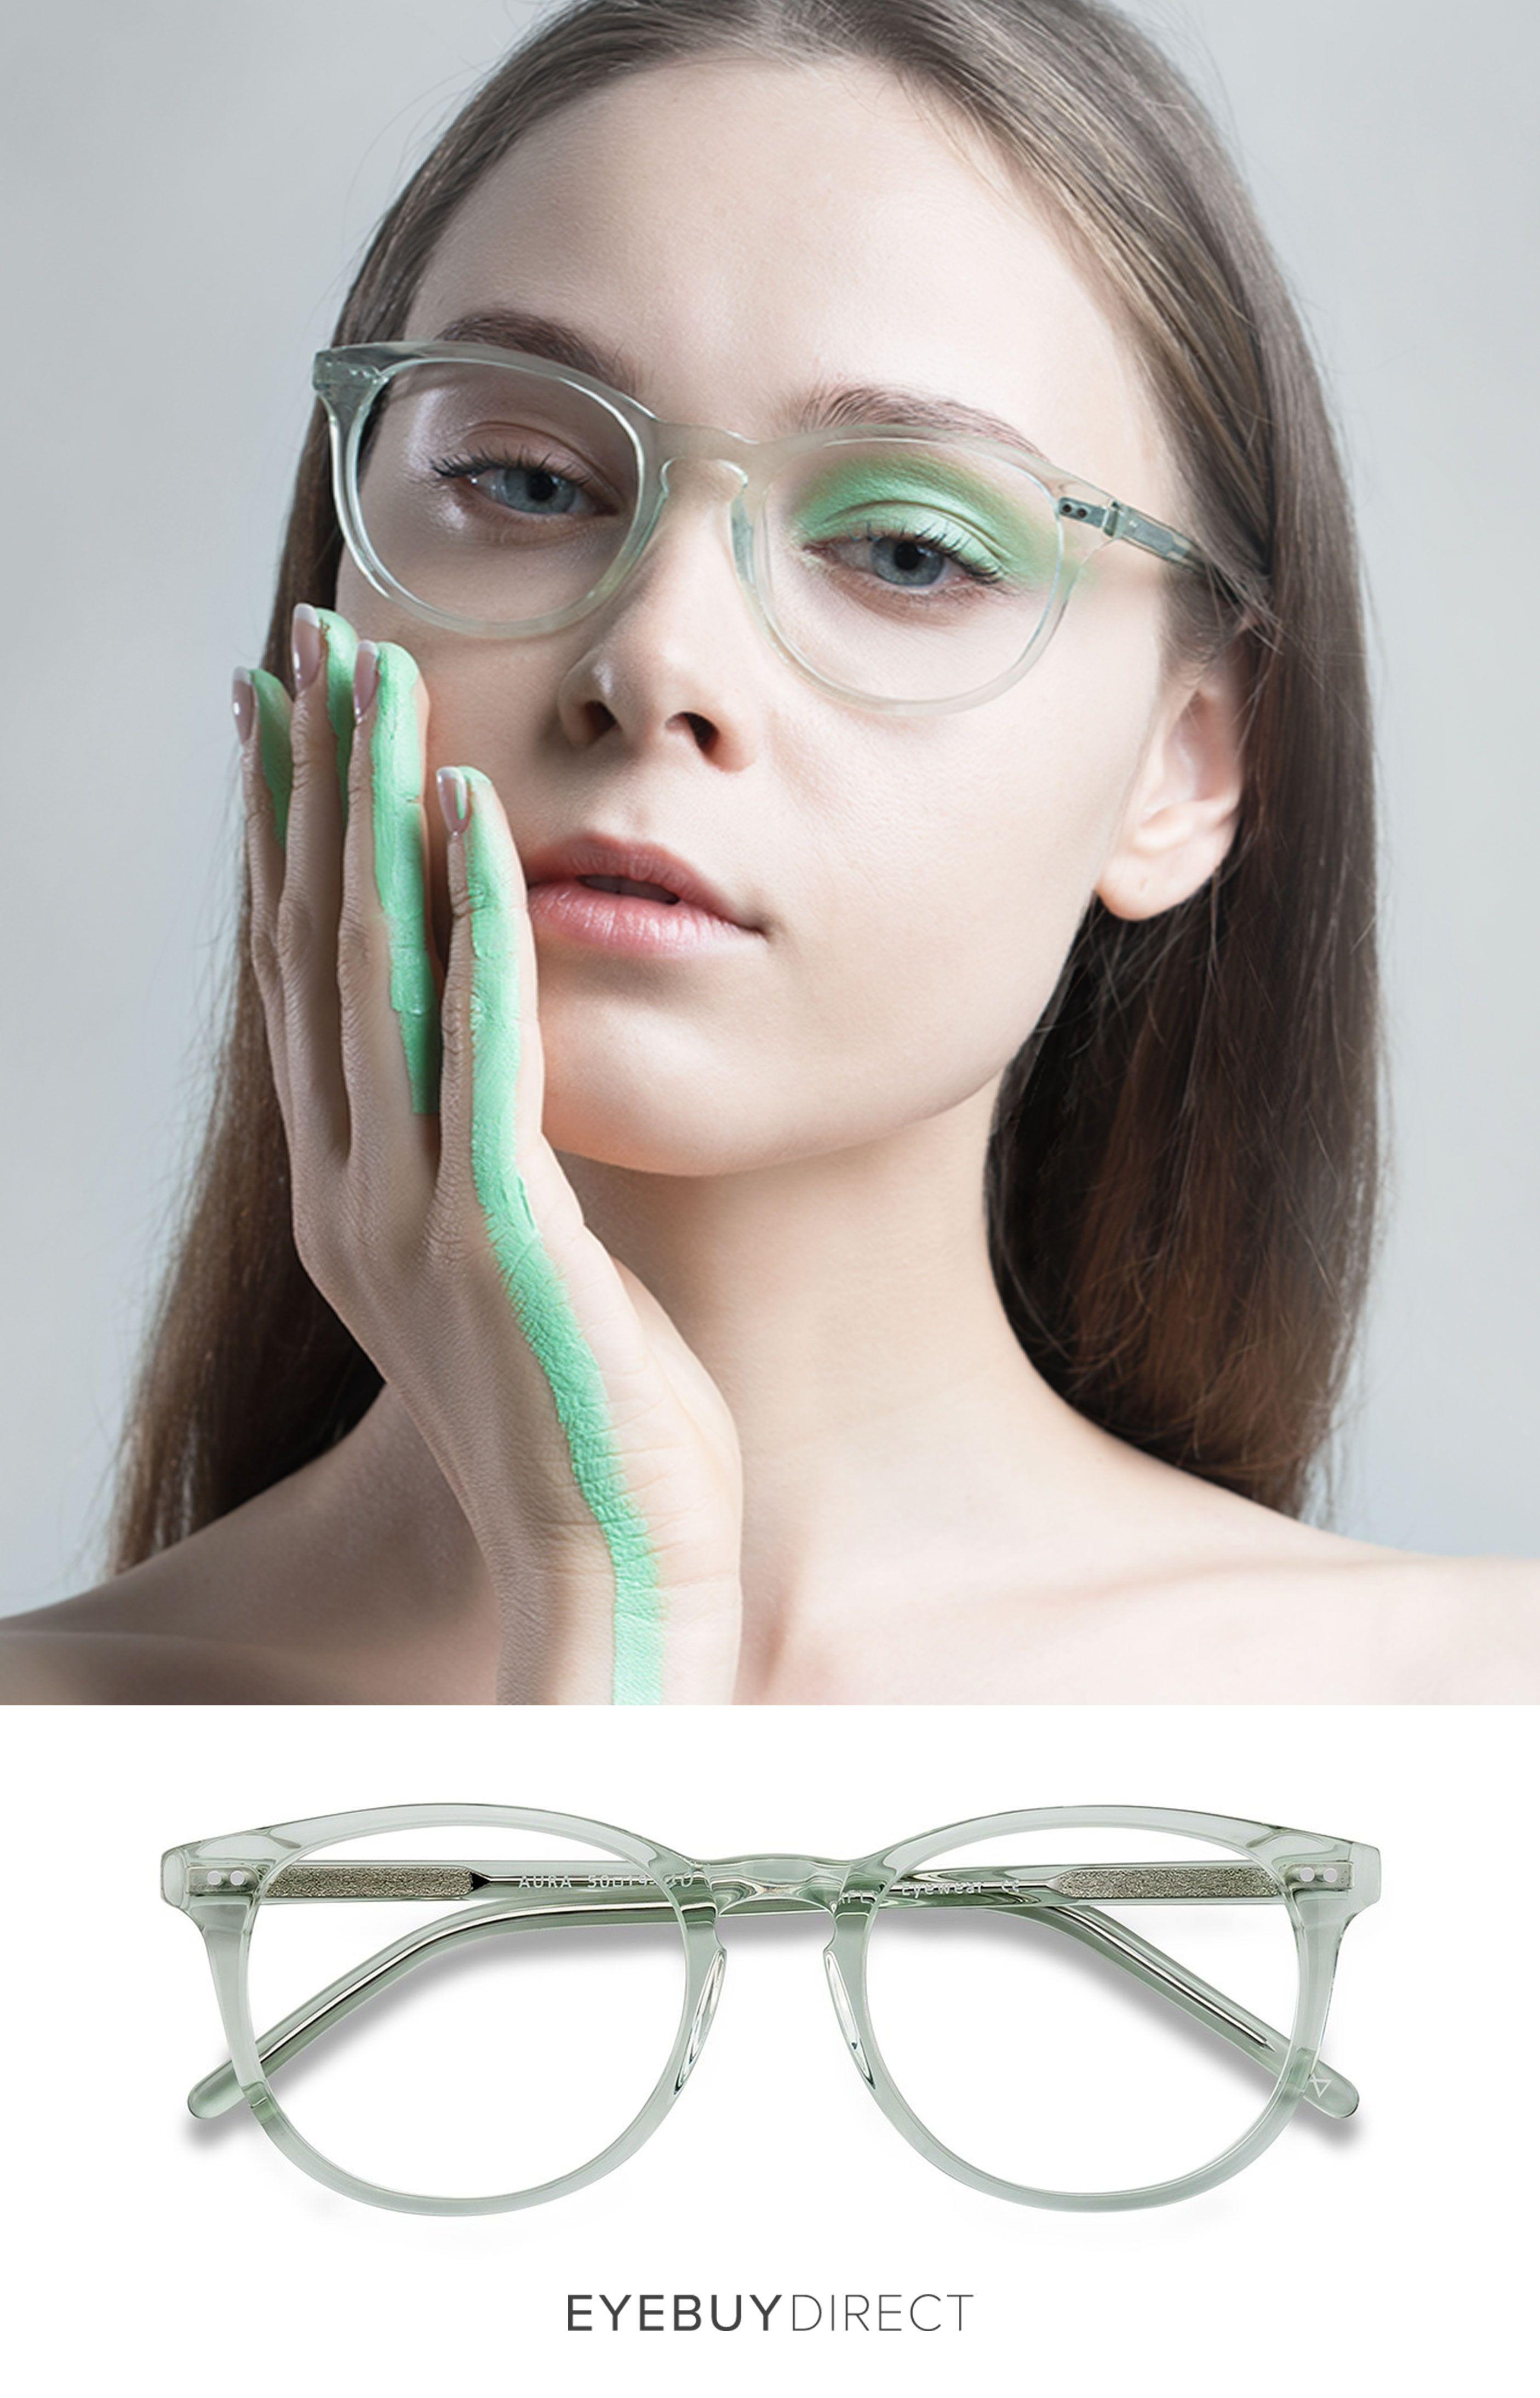 d403da2dd6 Aura Eyeglasses in Clear Jade